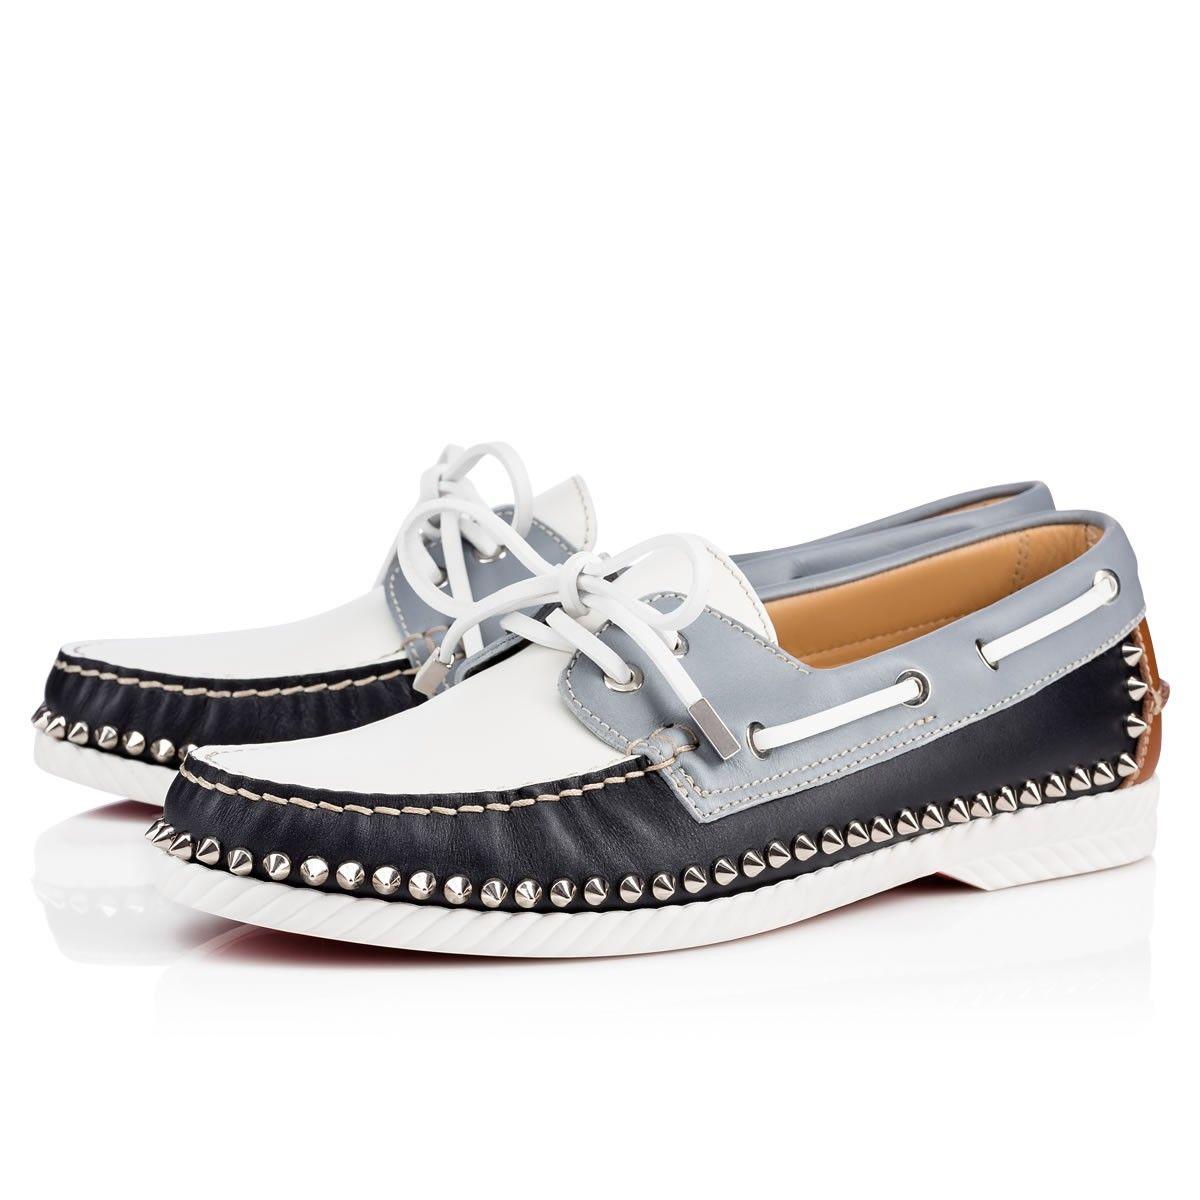 chaussure bateau louboutin